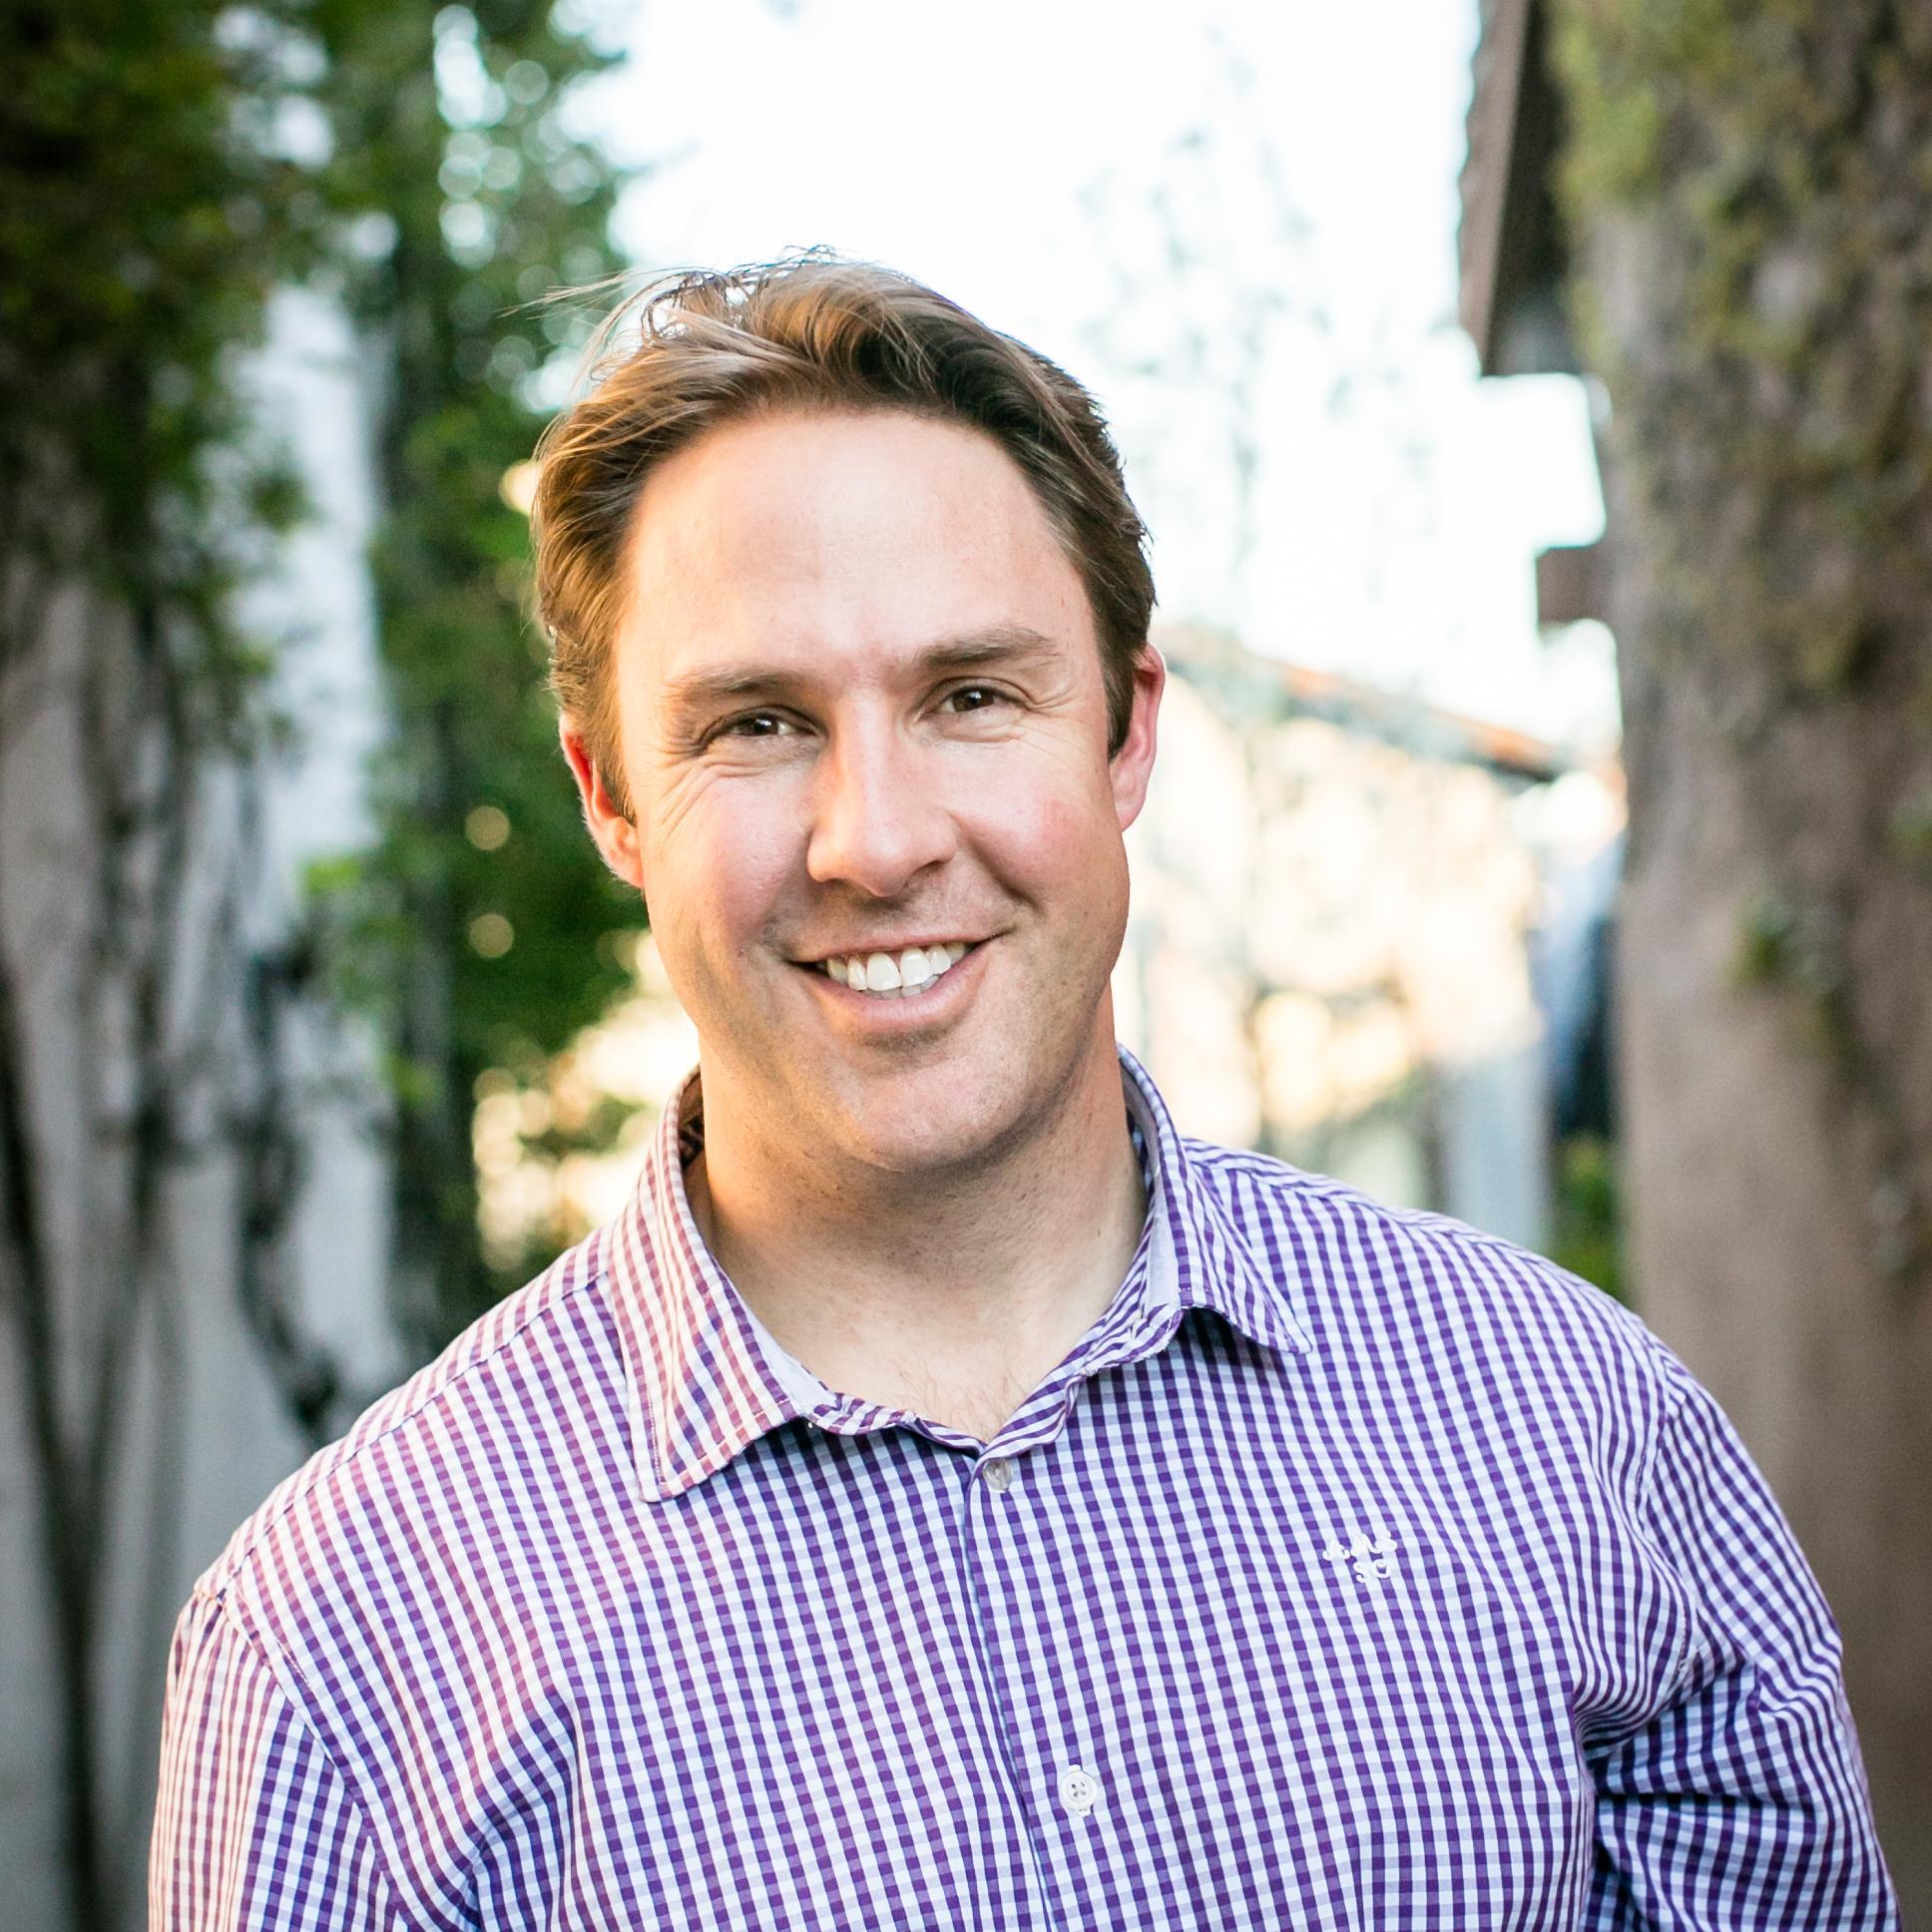 Chris Towt Headshot.jpg